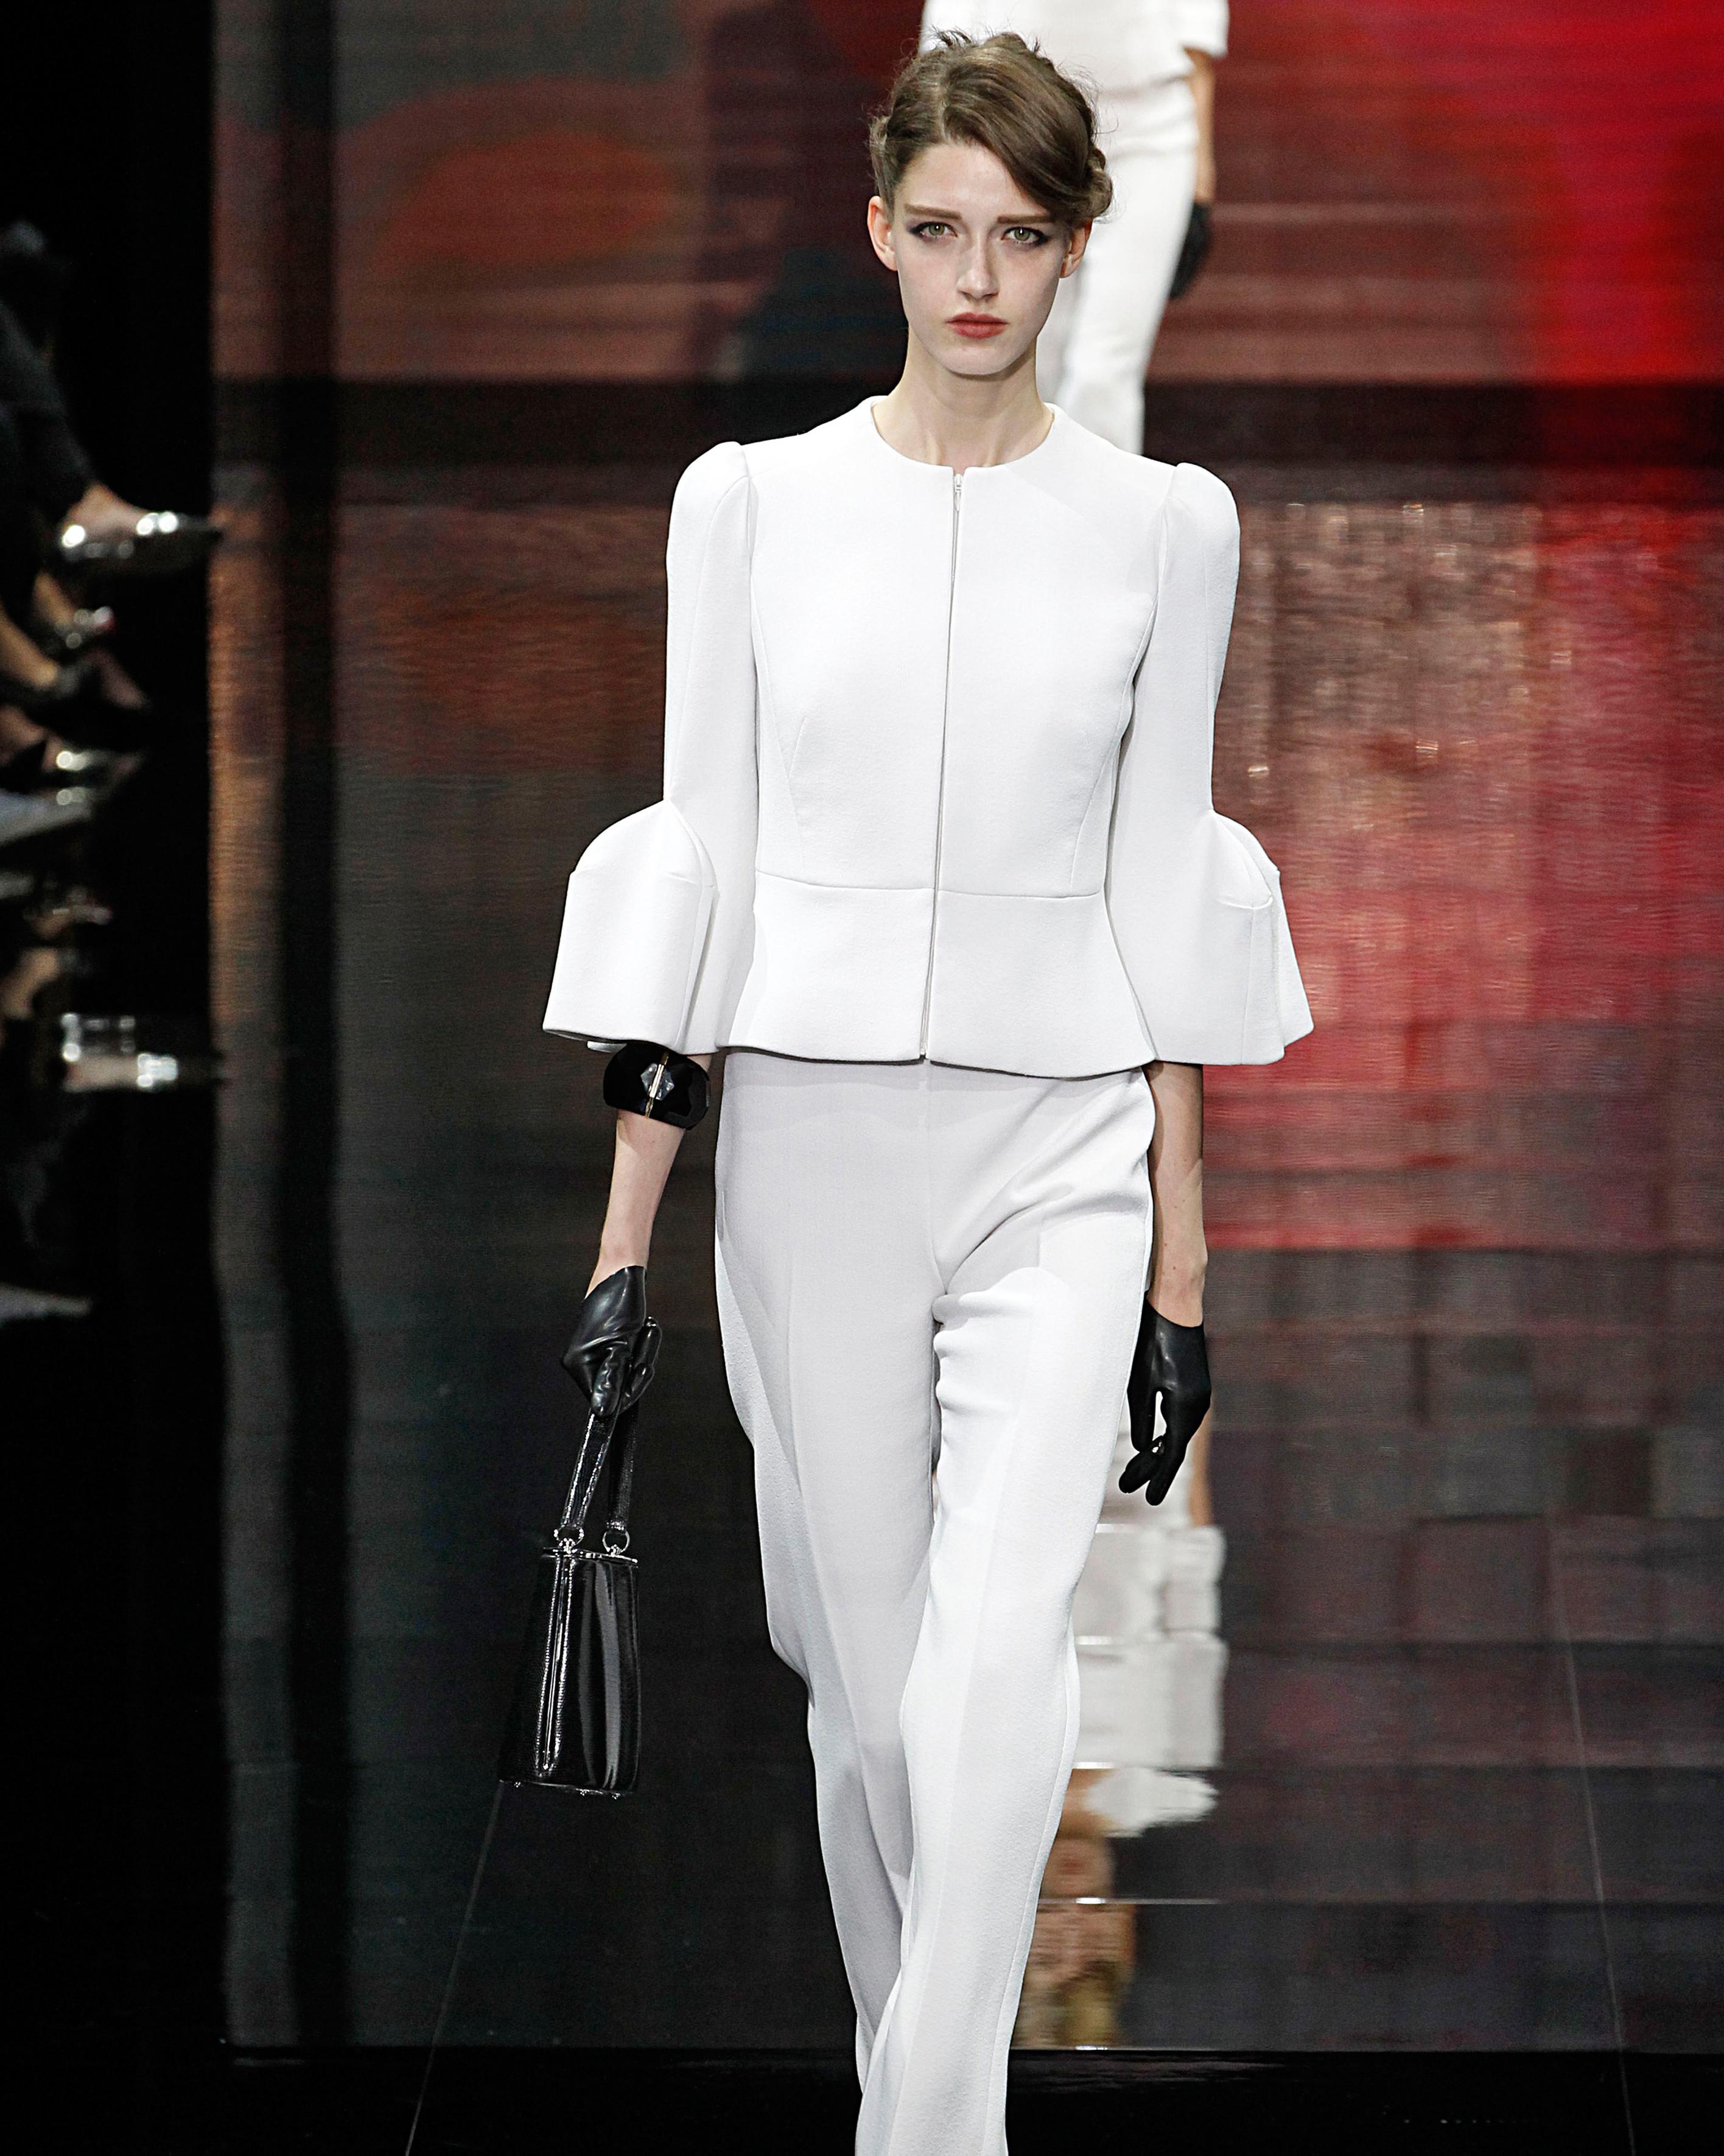 haute-couture-fall-2014-armani-prive-0714.jpg